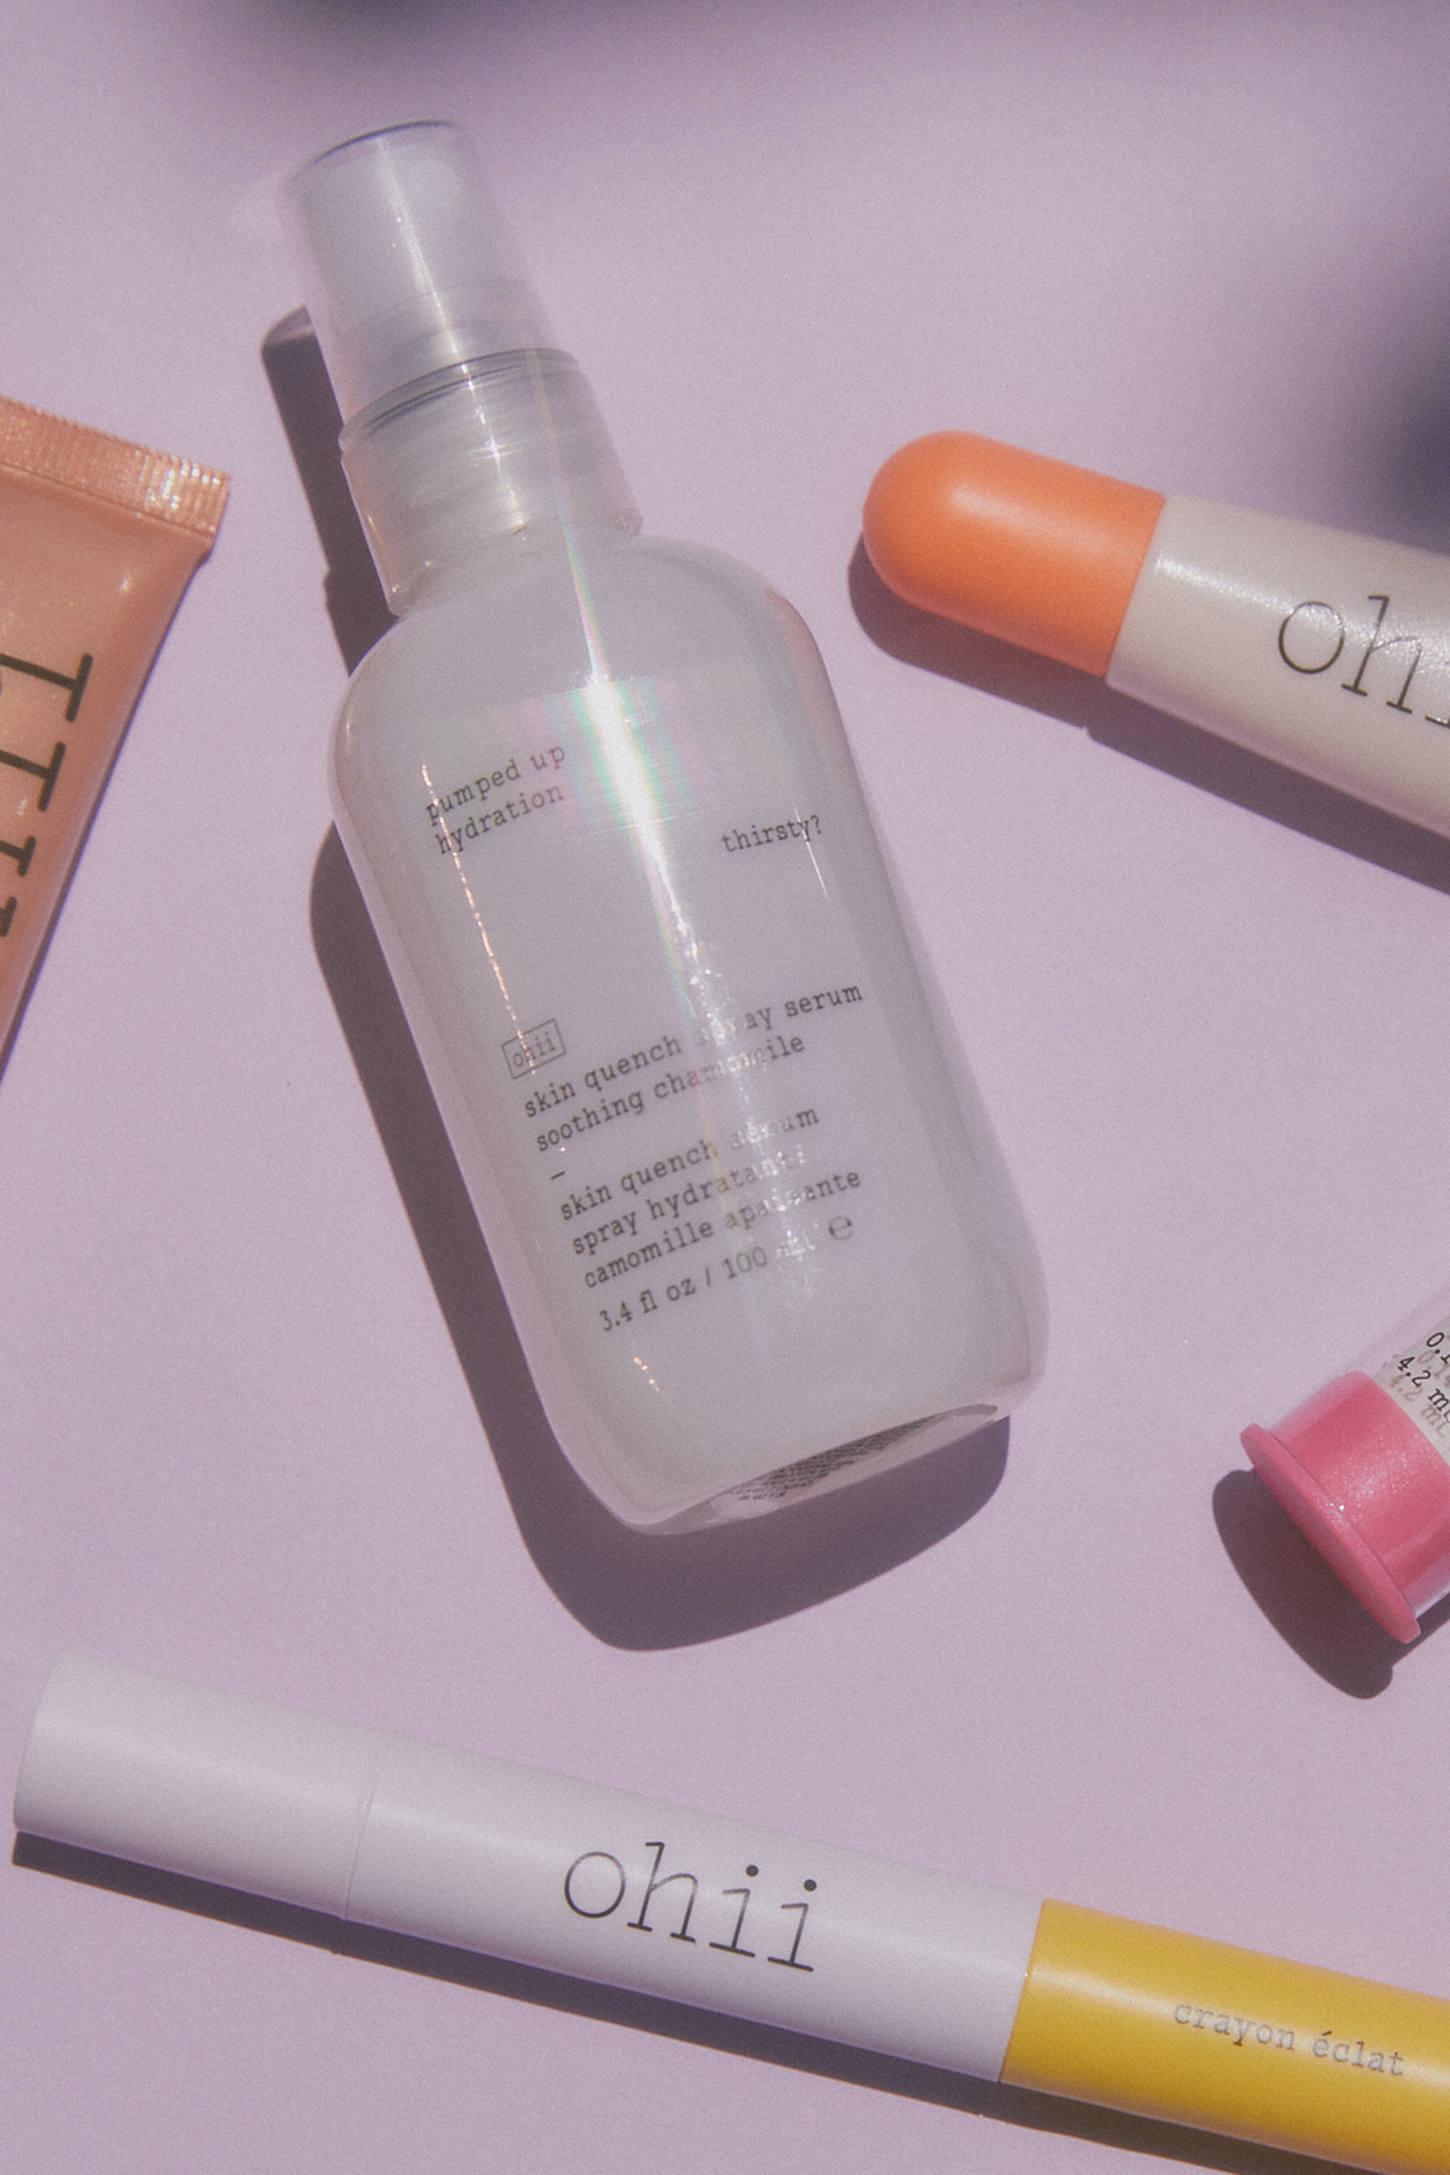 ohii - Skin Quench Spray Serum